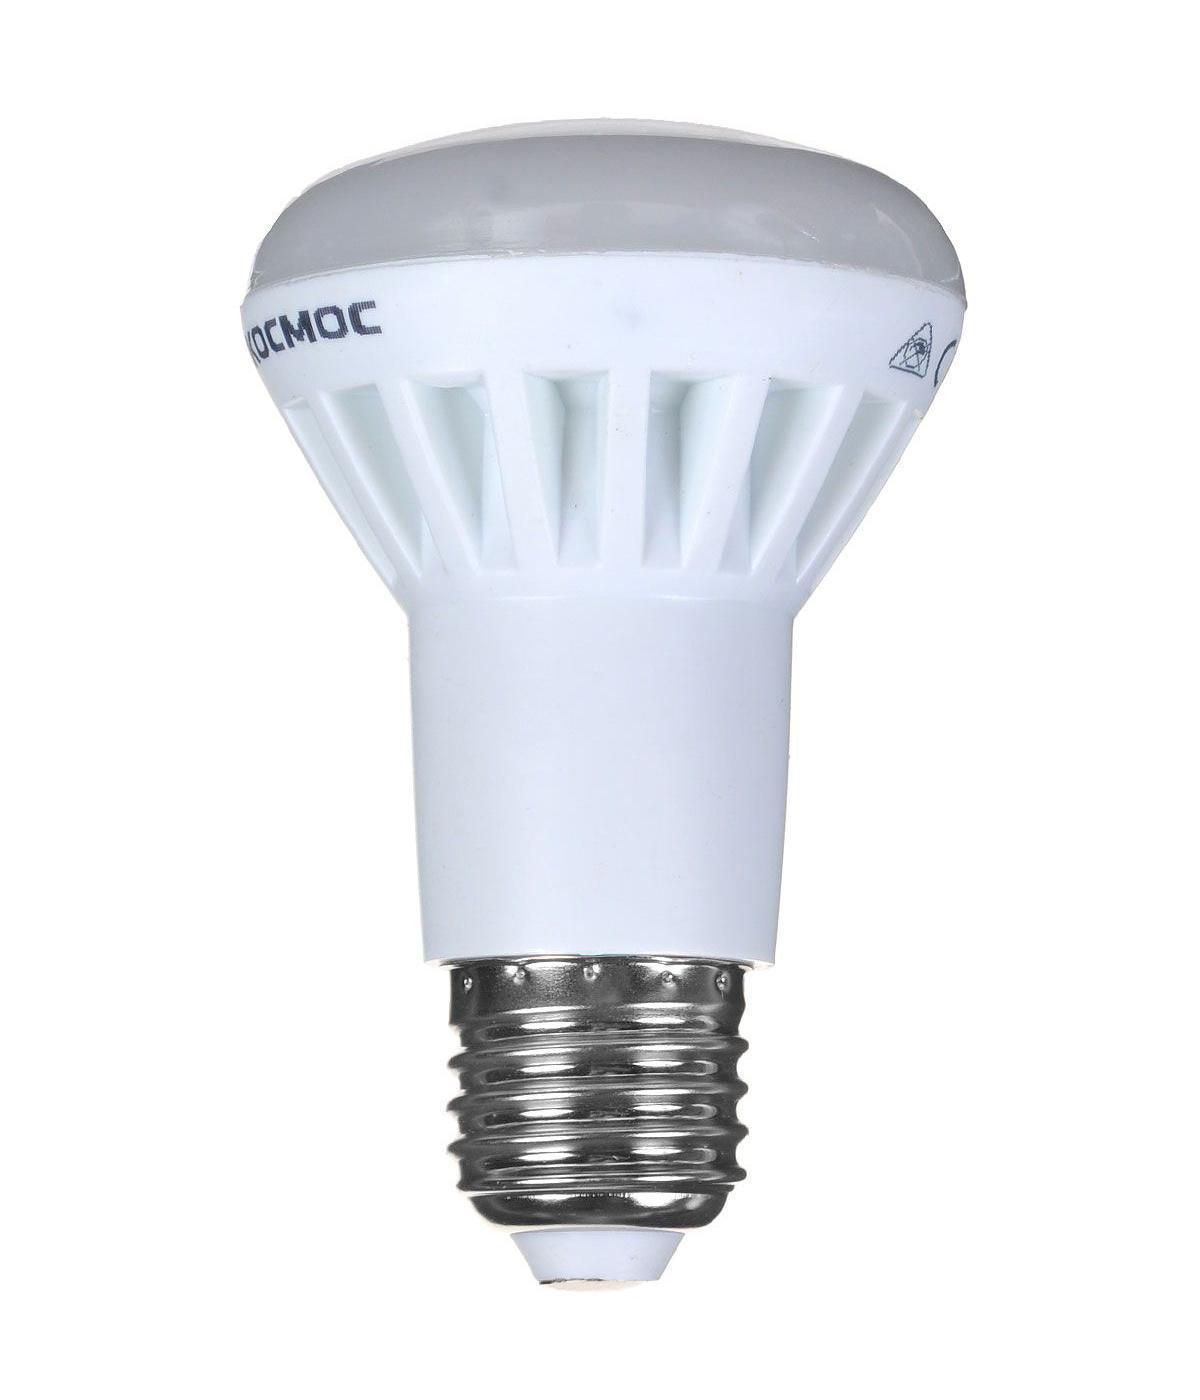 Светодиодная лампа Kosmos, белый свет, цоколь E27, 7W, 220V. Lksm_LED7wR63E2745